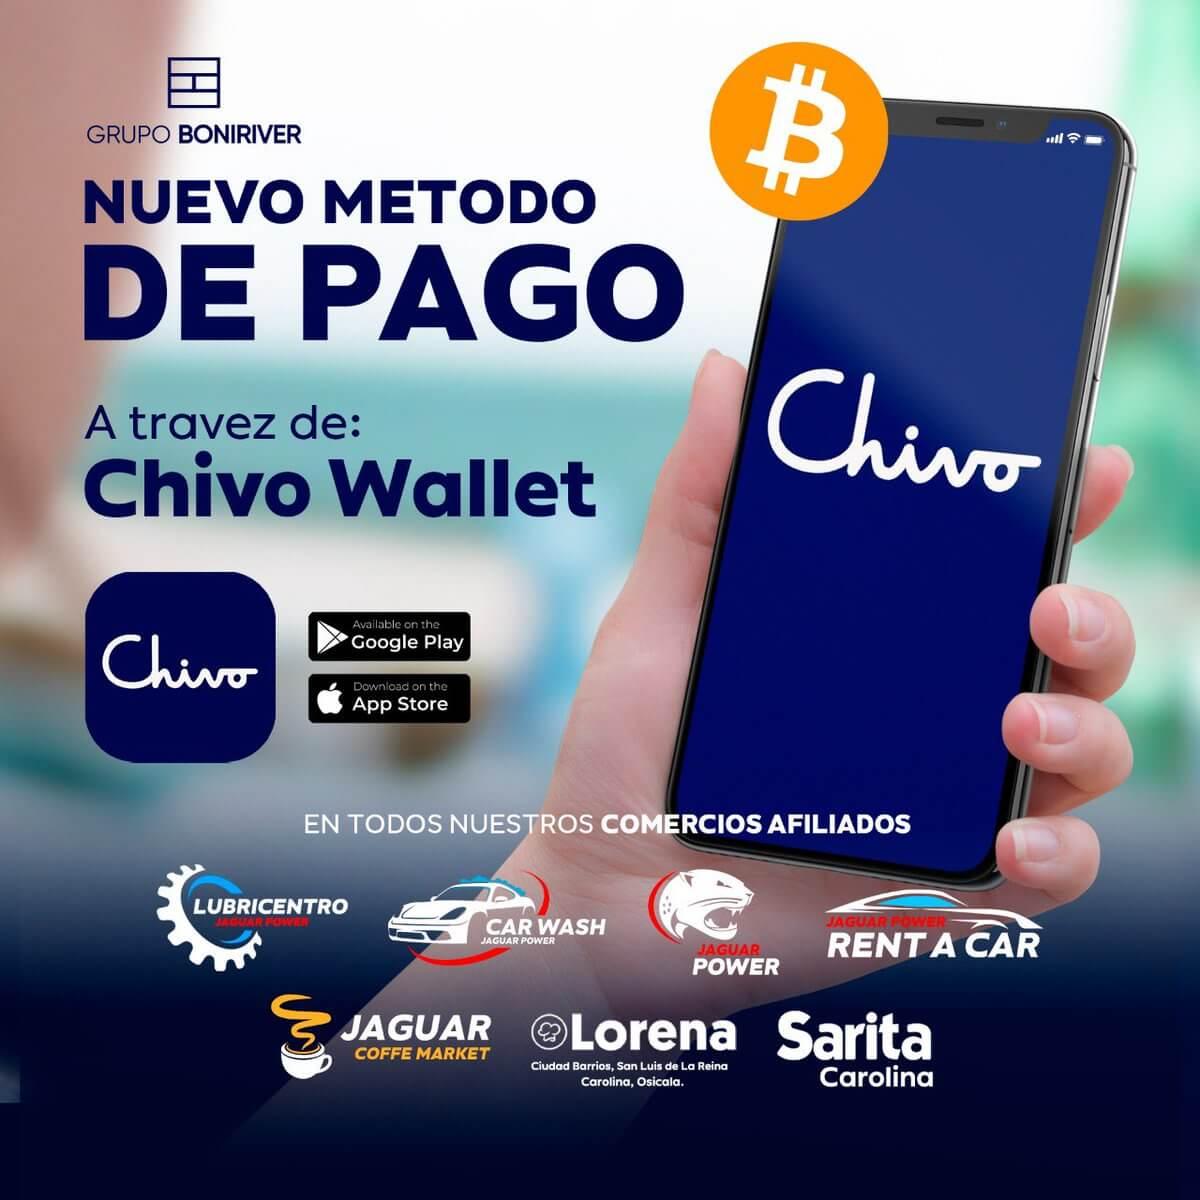 Chivo Биткоин принятие криптовалюты